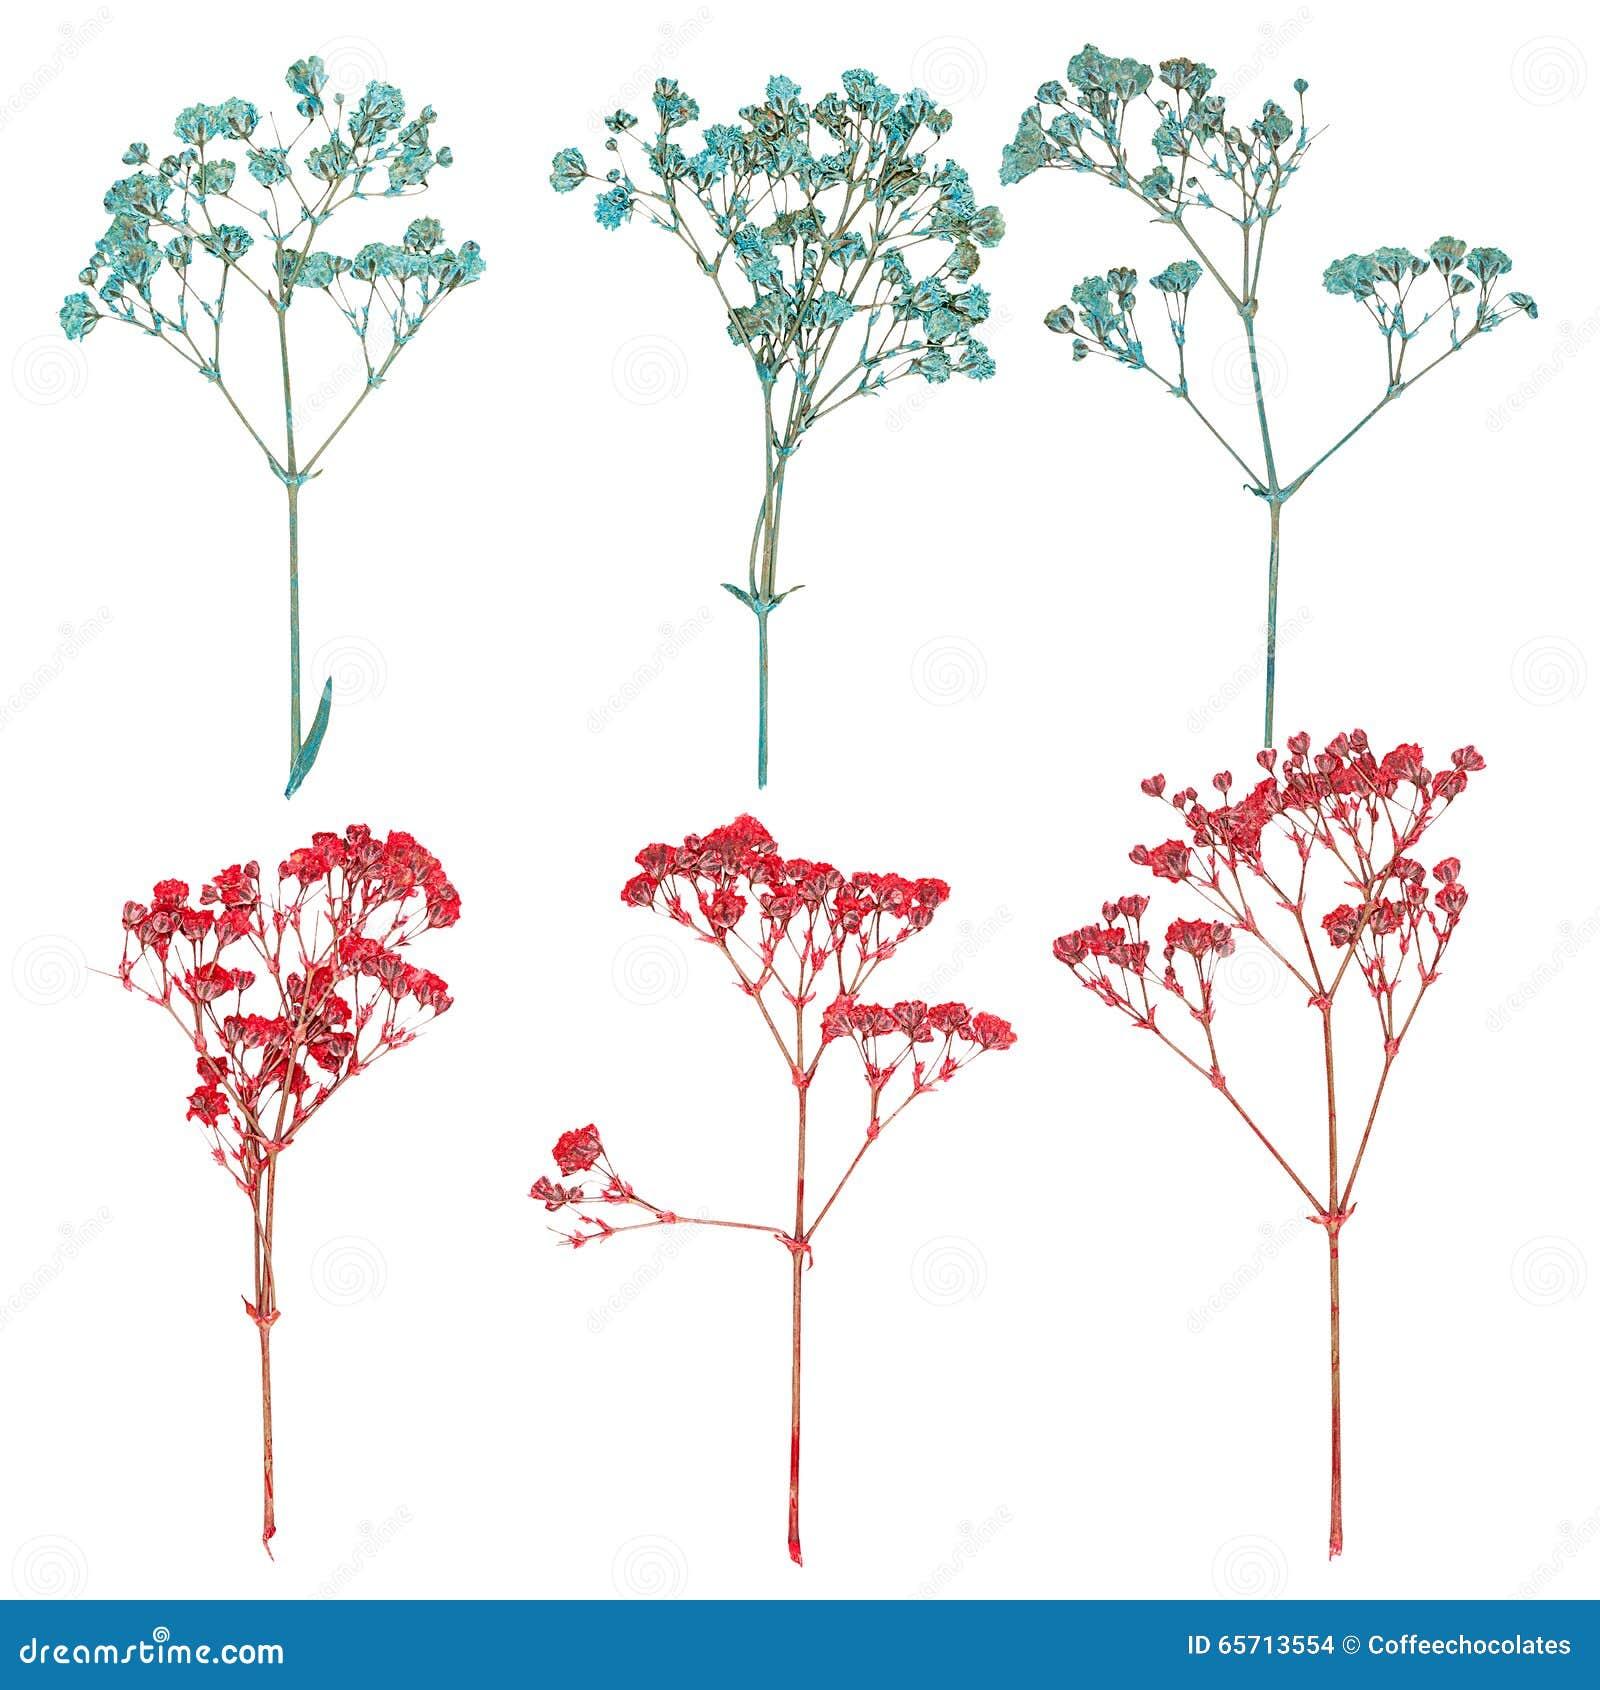 gepresste blumen aufkleben herbarium anlegen u tipps u techniken zum trocknen der blumen. Black Bedroom Furniture Sets. Home Design Ideas